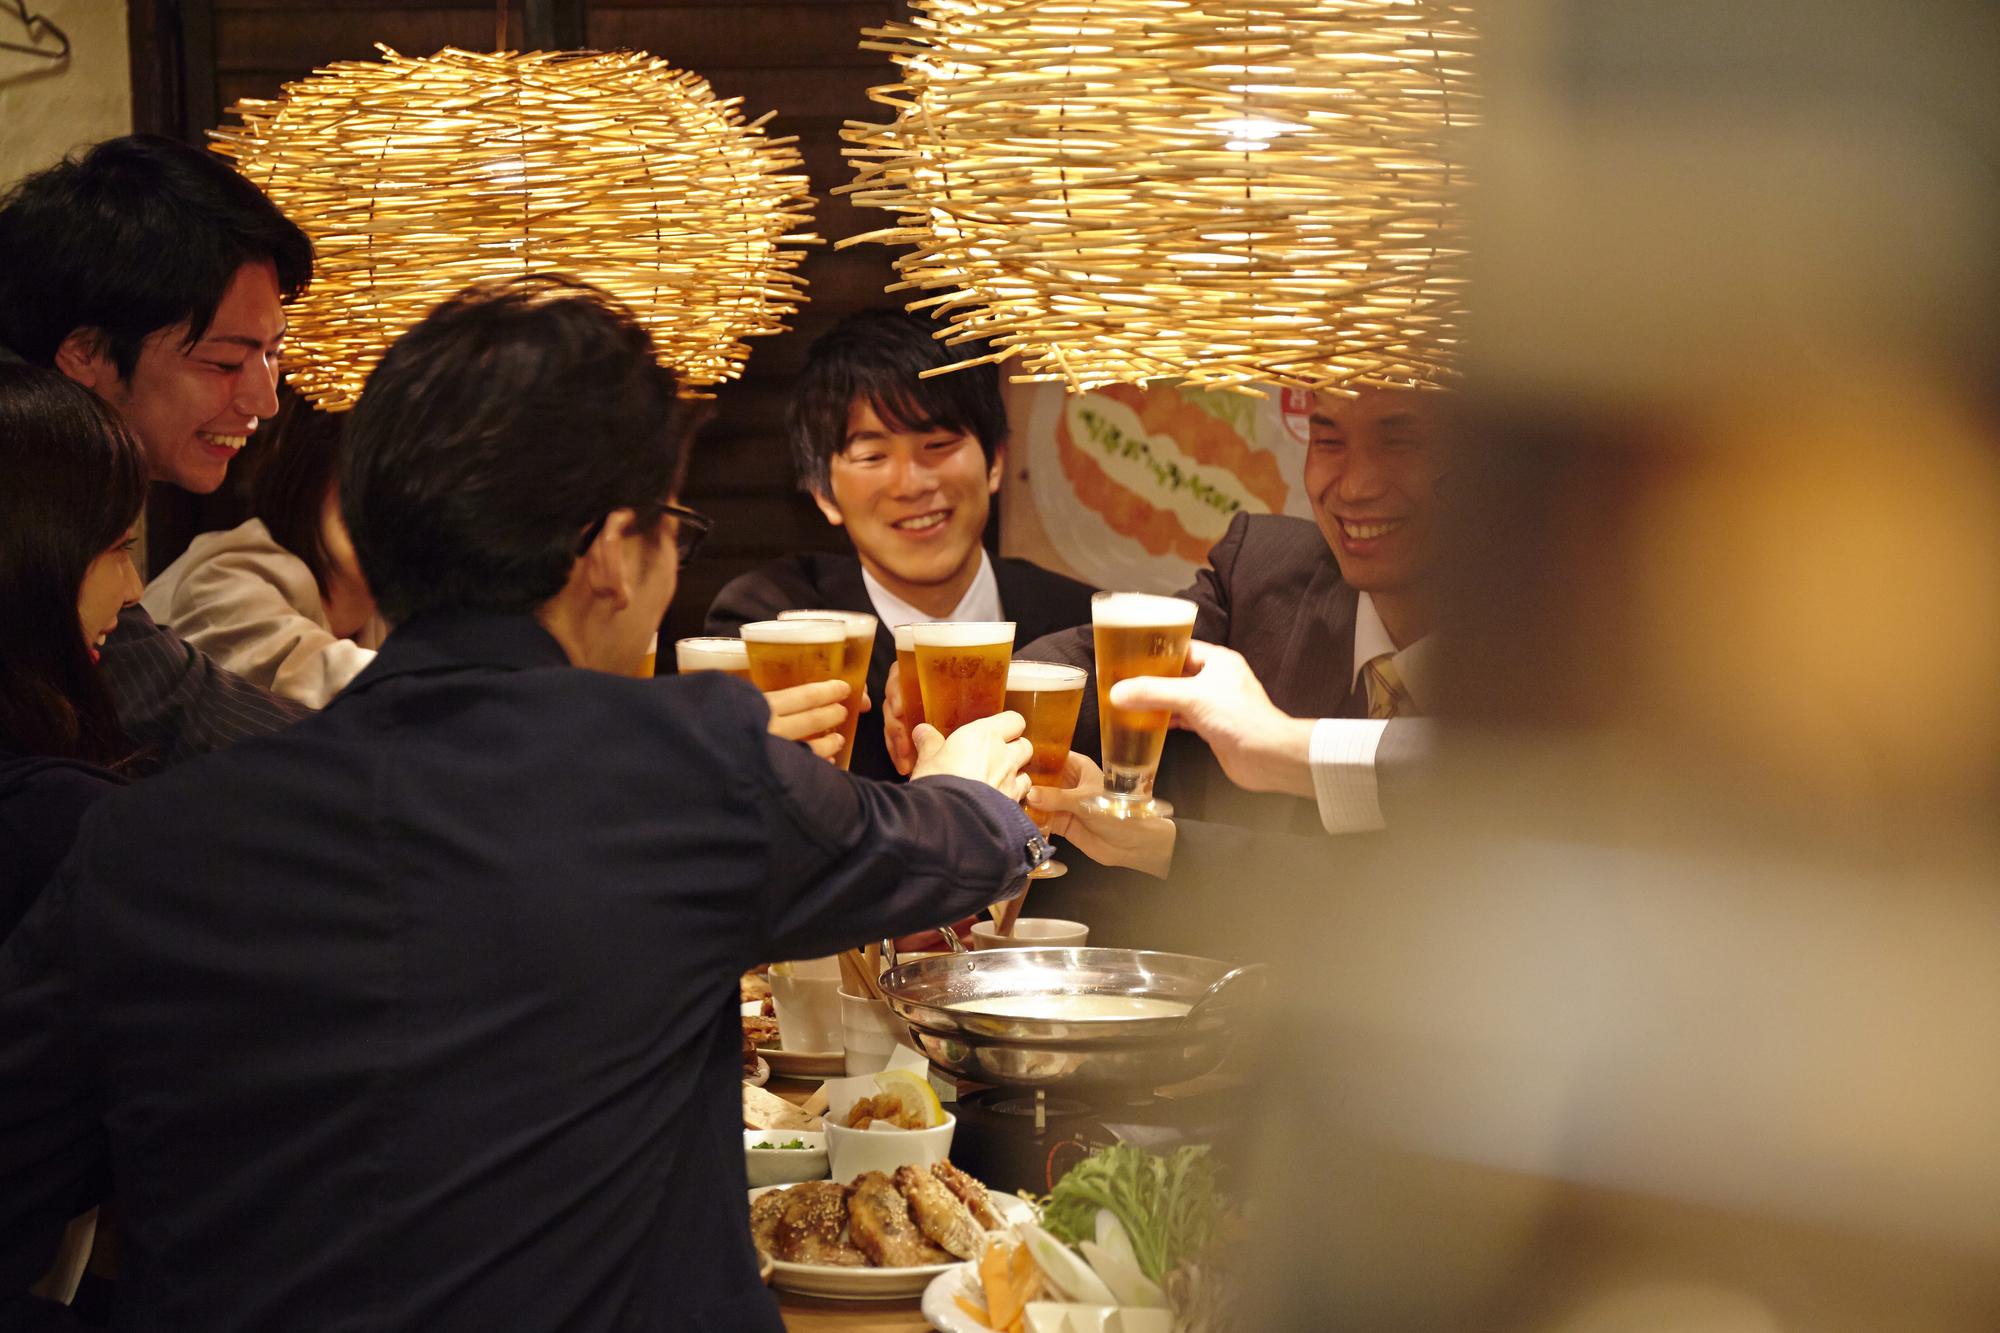 社会人で集まる新年会の乾杯シーン